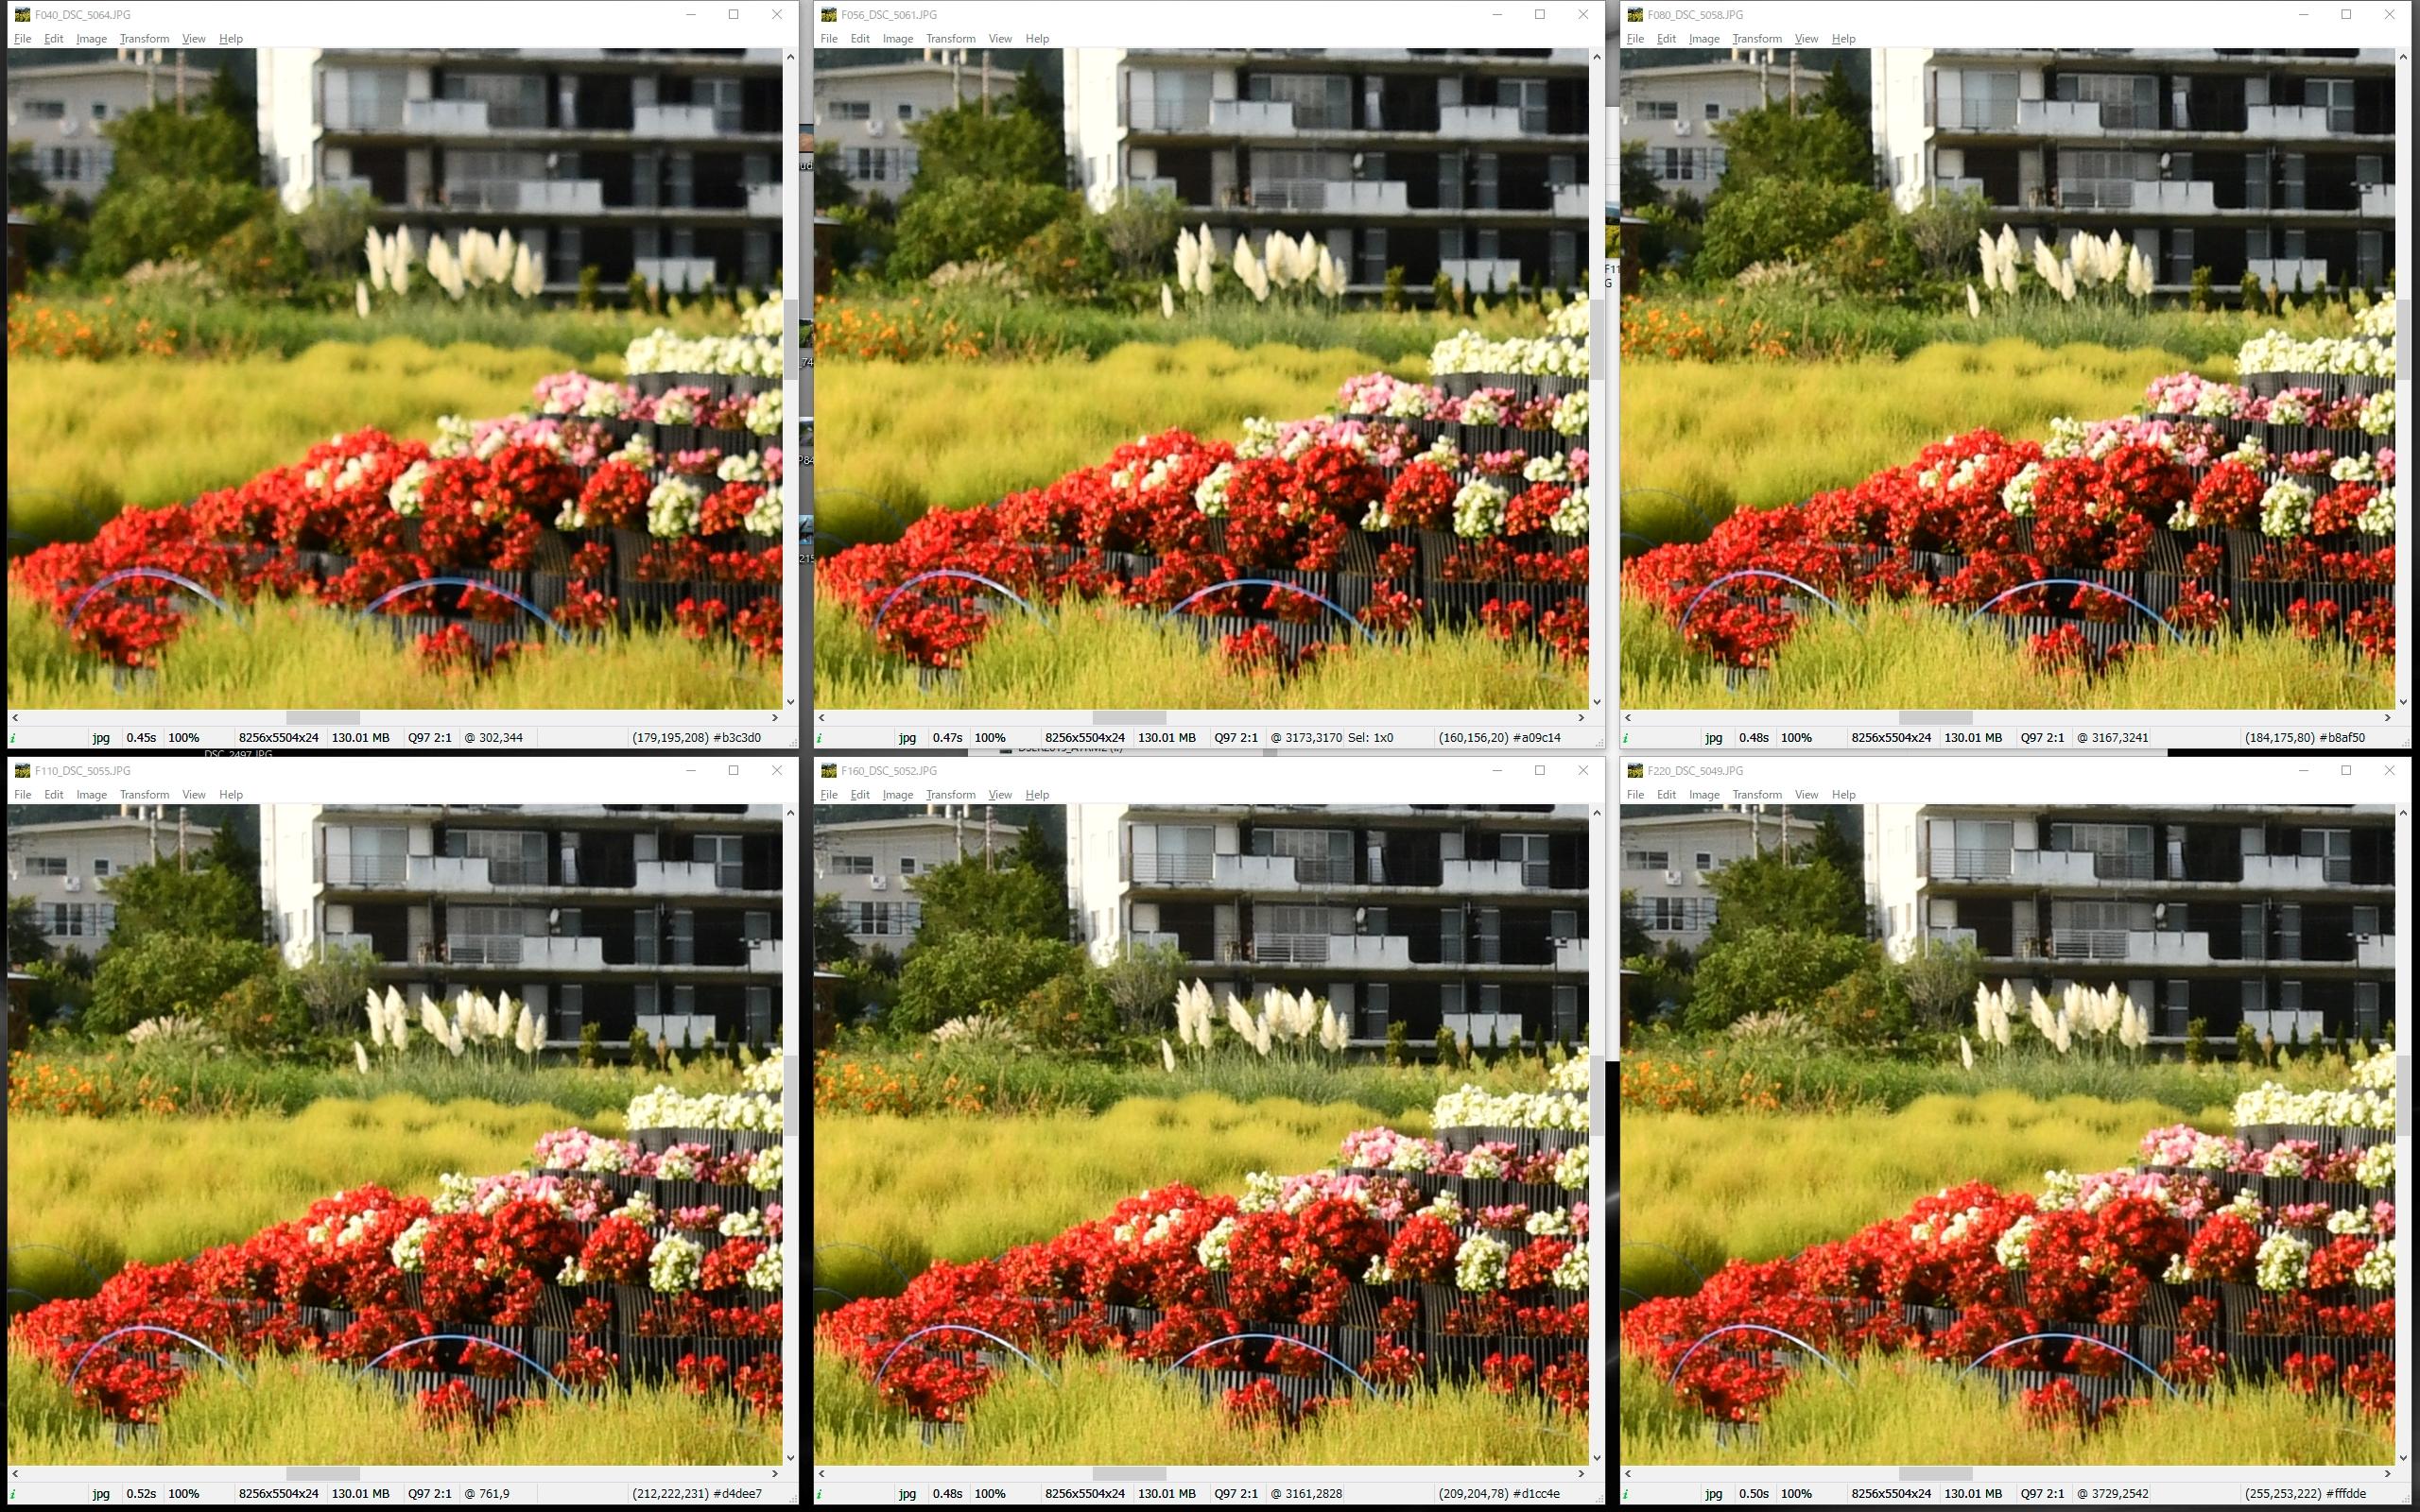 画面中央の中遠景。F8まで絞っても被写界深度外で、F11~16でも微妙な解像。F22も被写体の輪郭が鈍っていて、D850の本来の解像性能がまるで引き出せていない。